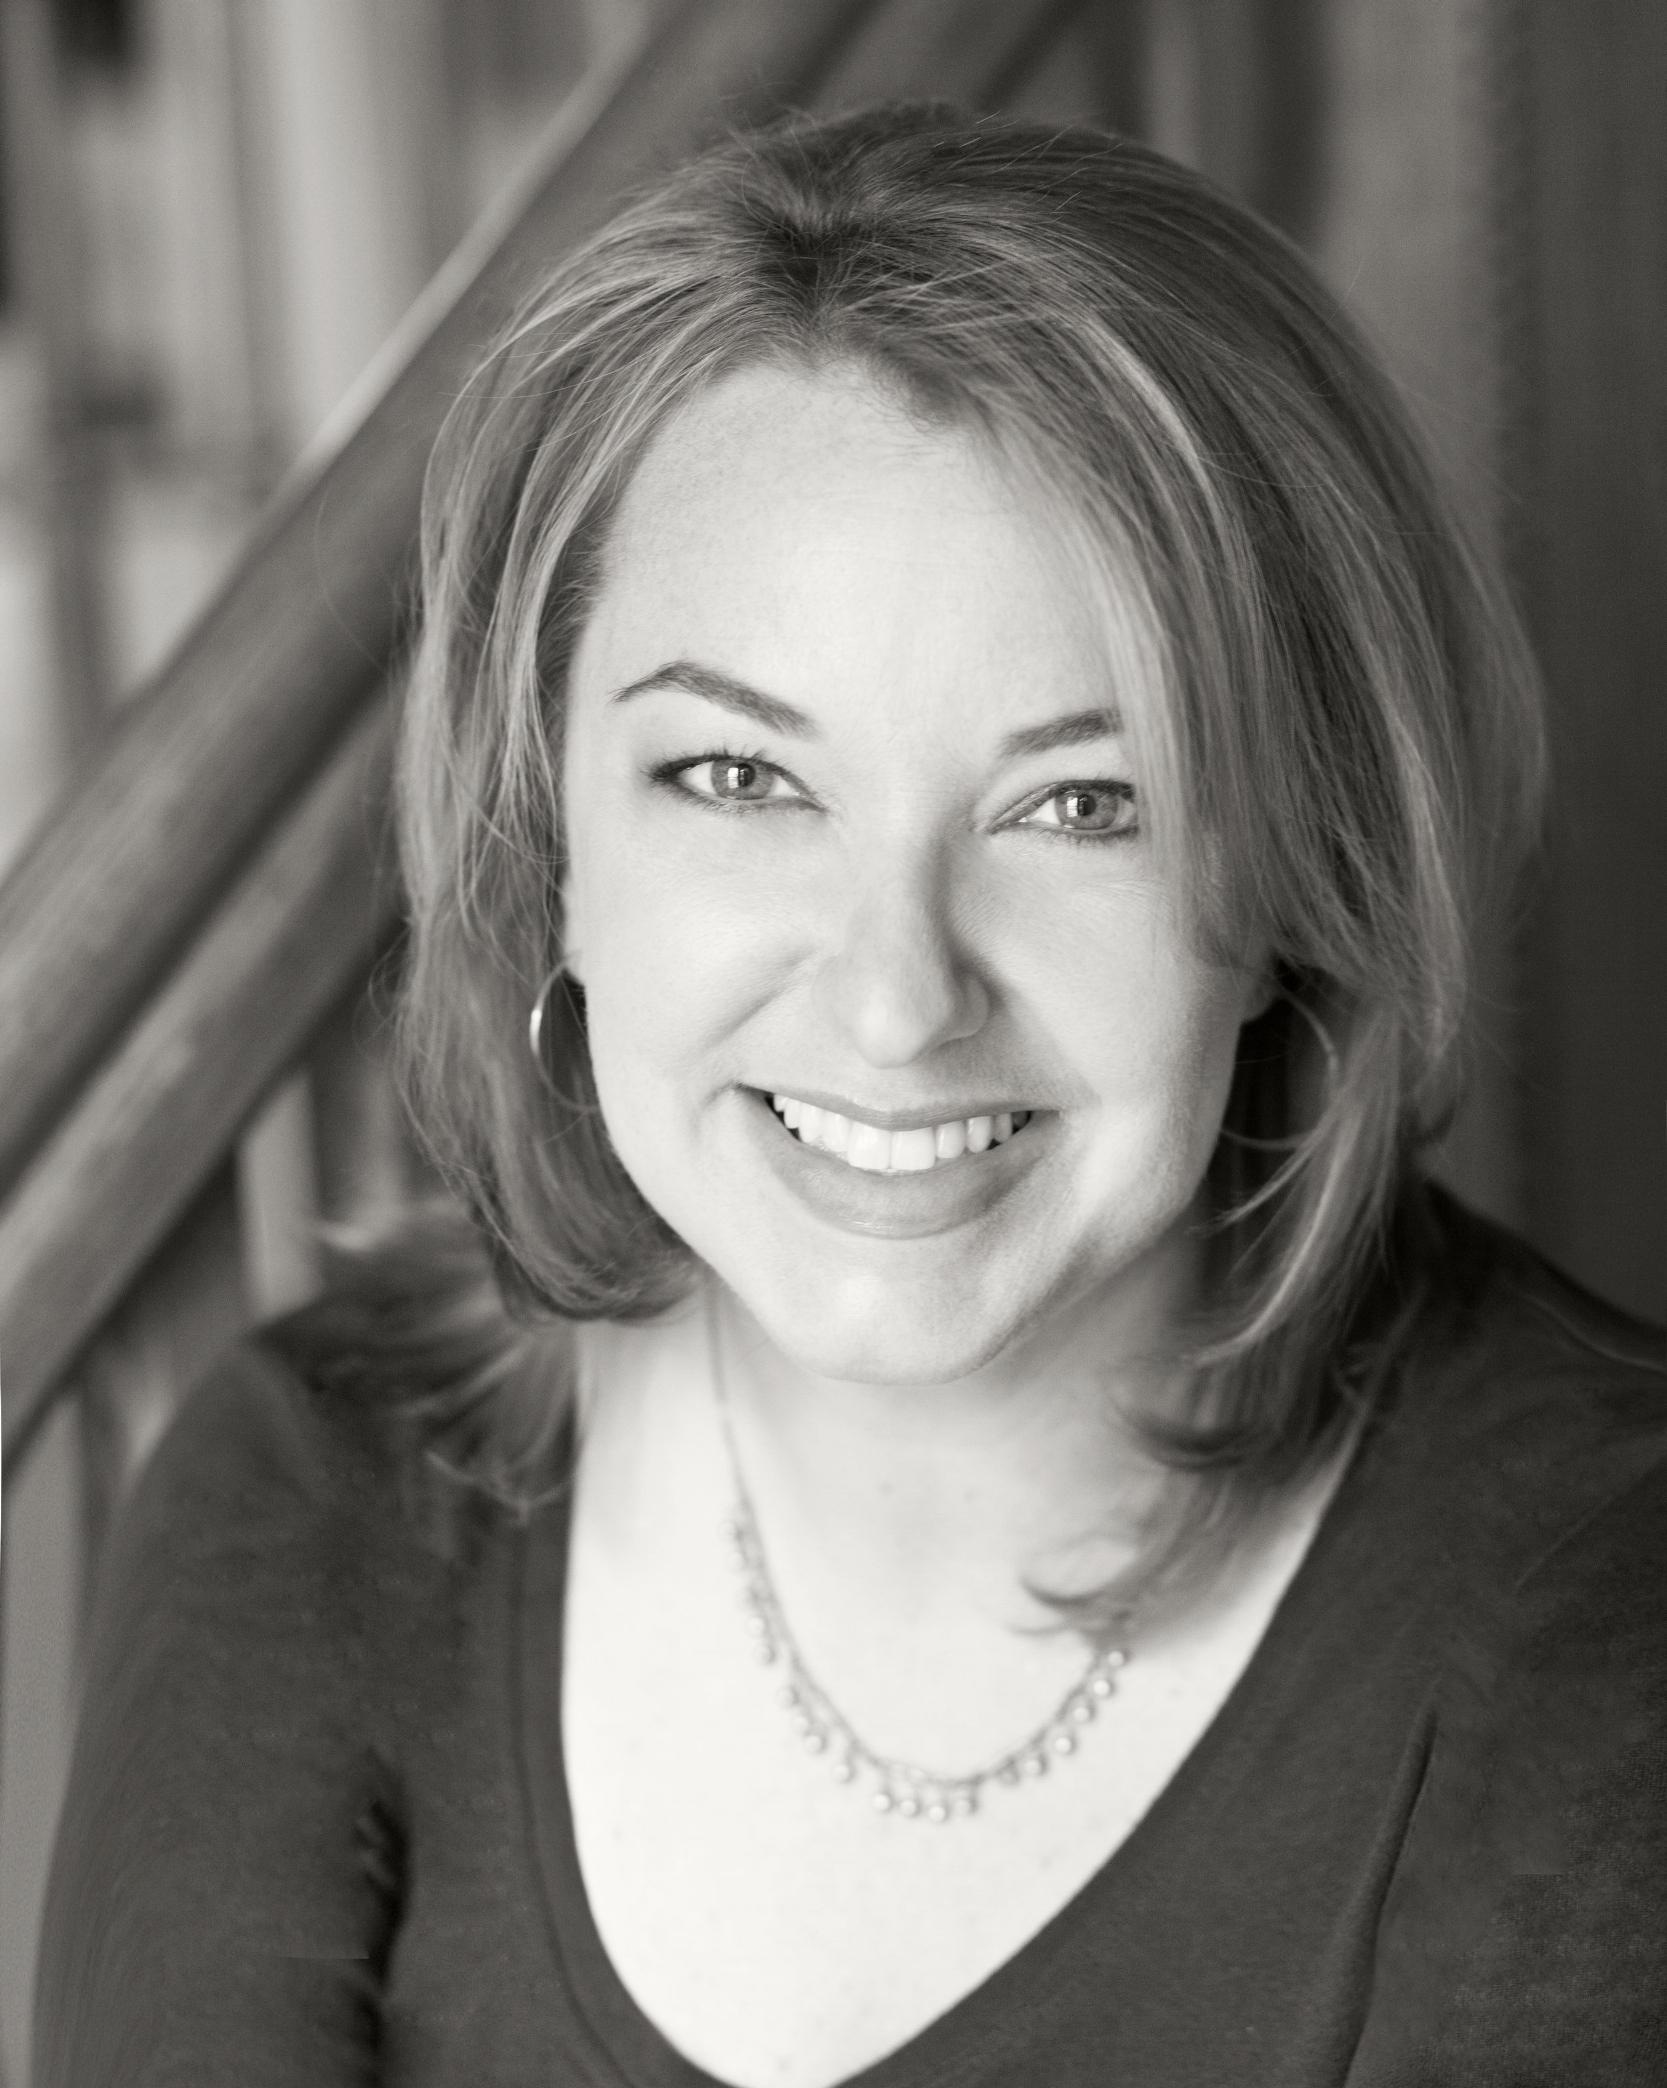 Amanda Sudimack, Artisan Events Founder